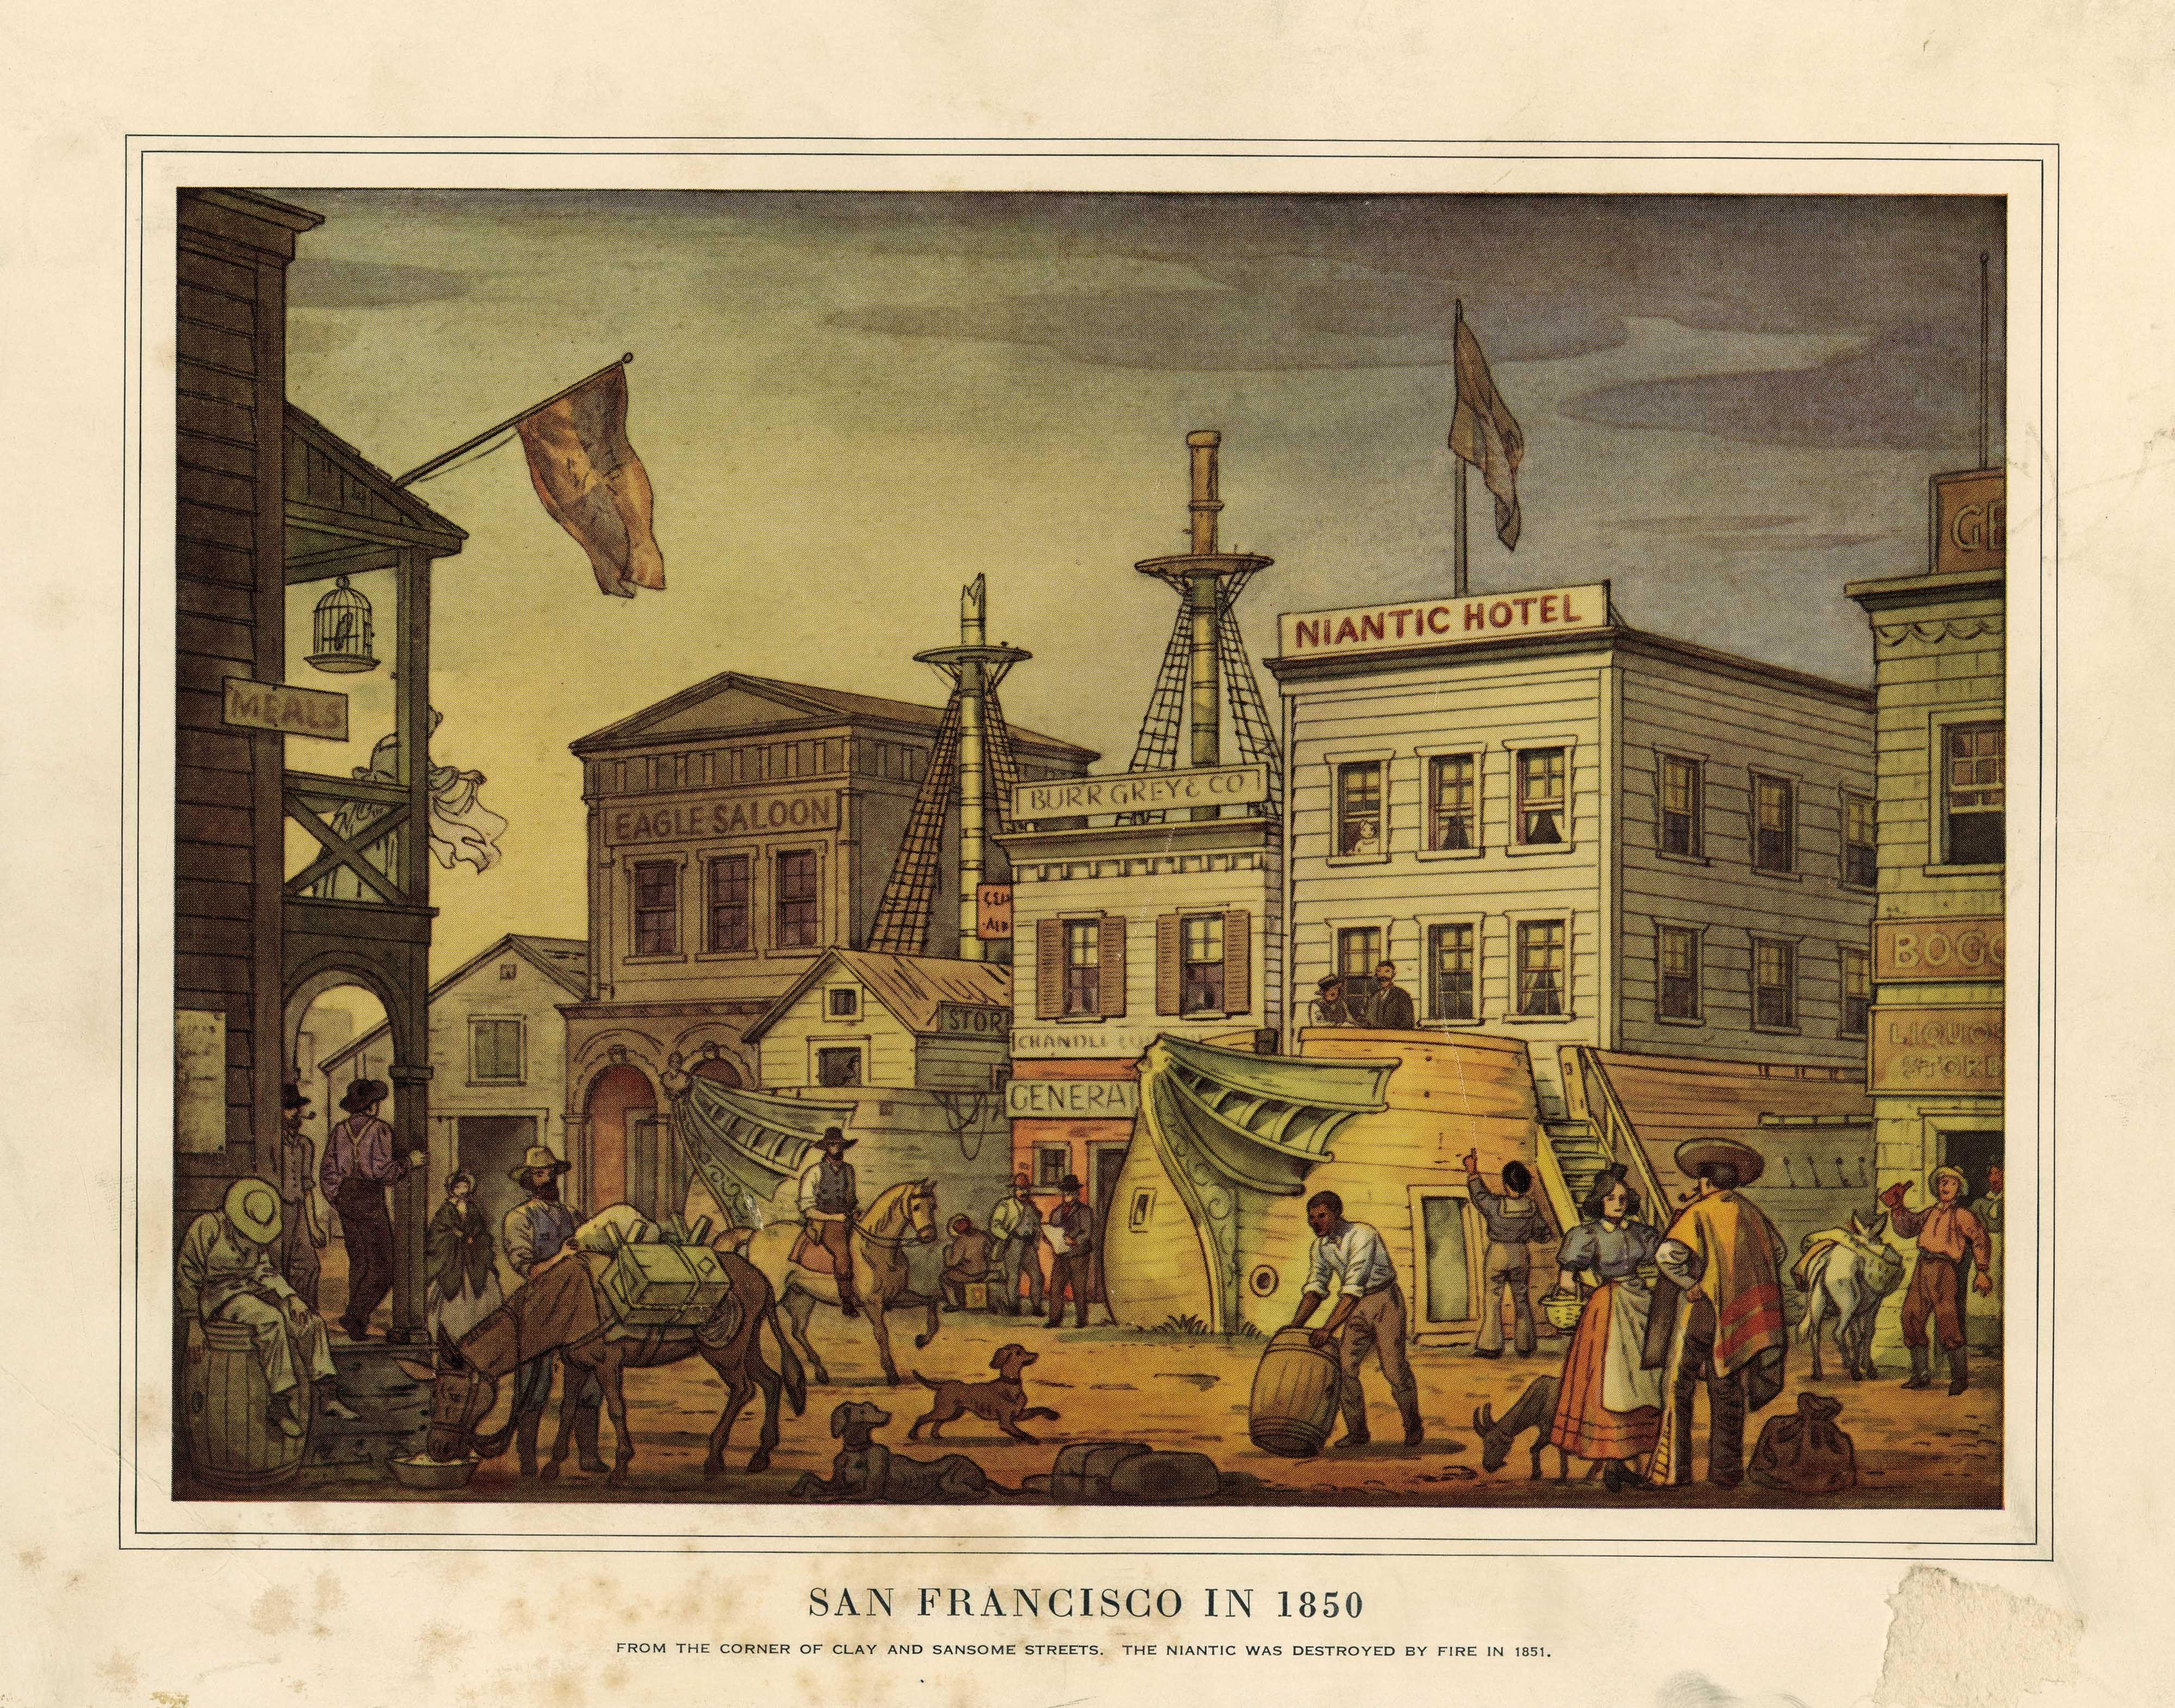 San Francisco in 1850